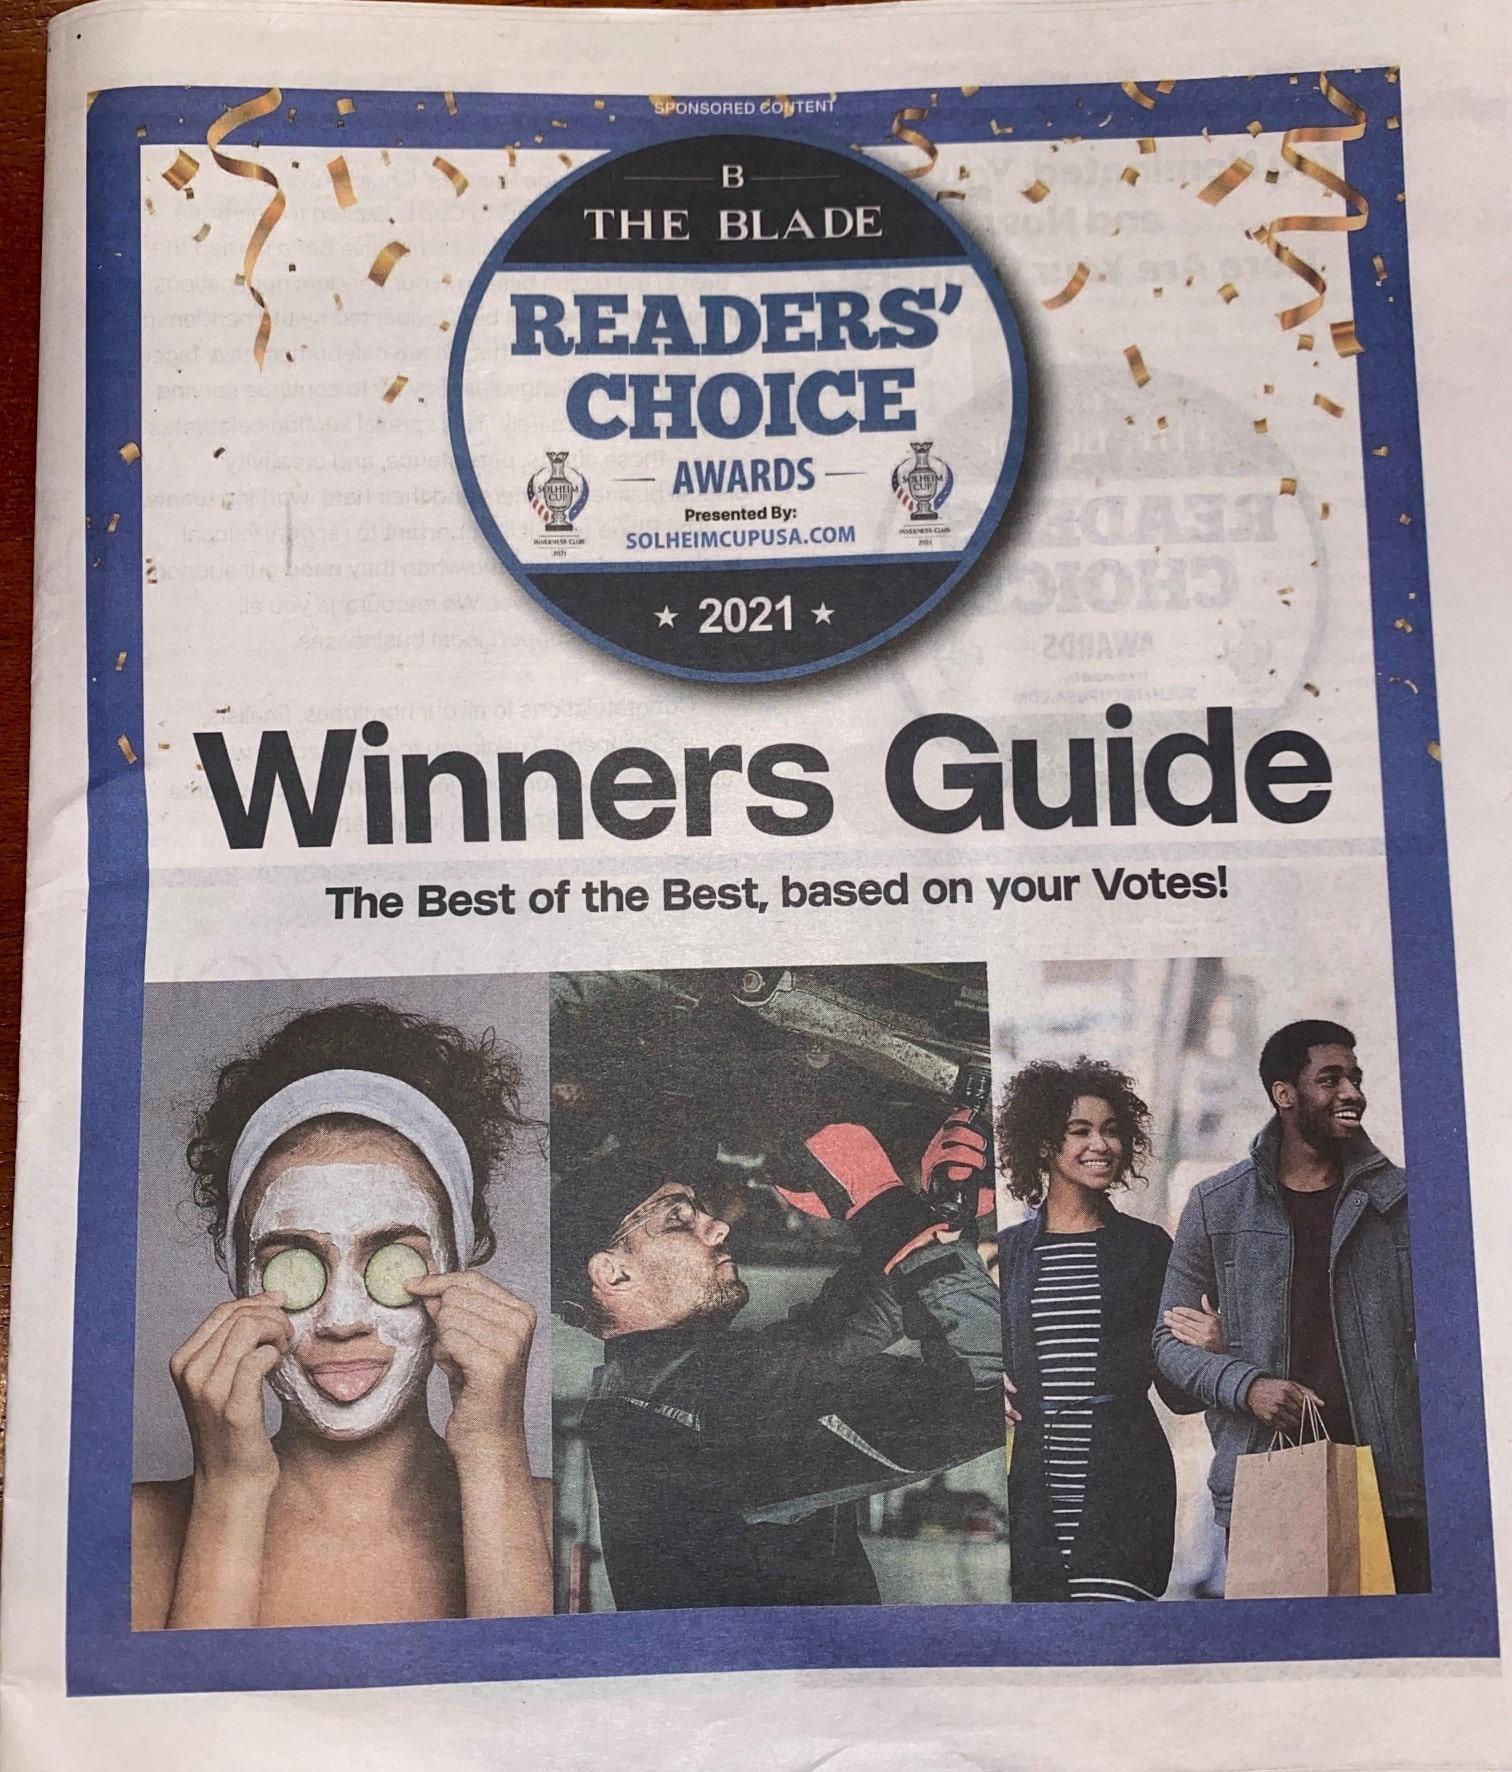 Toledo Best Chiropractor Blade Reader's Choice